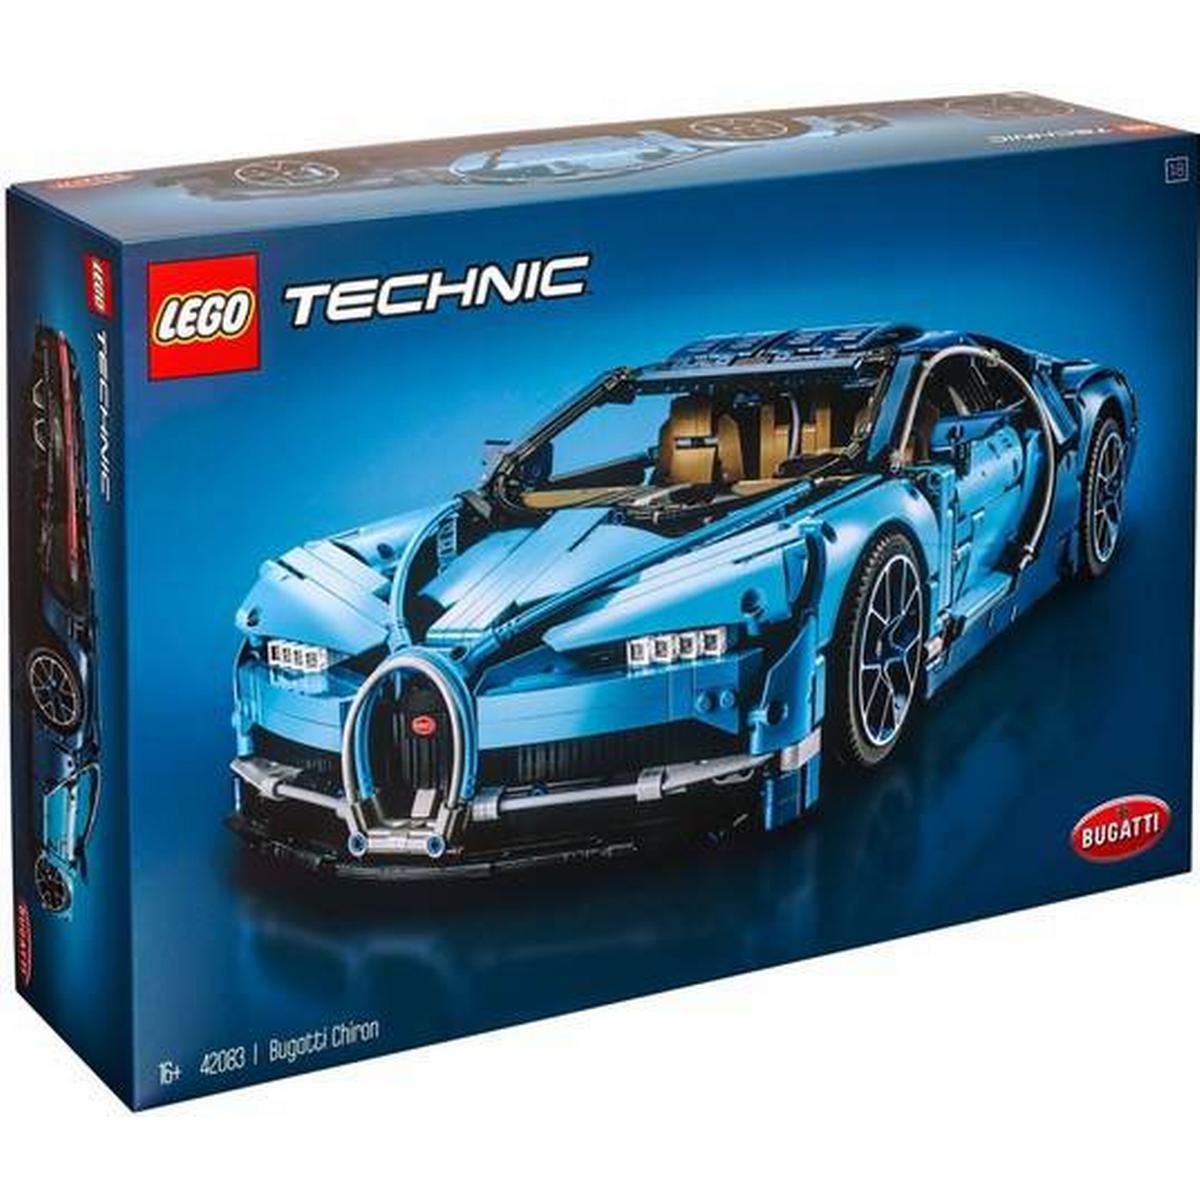 2ef883c743d LEGO - Sammenlign priser på LEGO hos PriceRunner